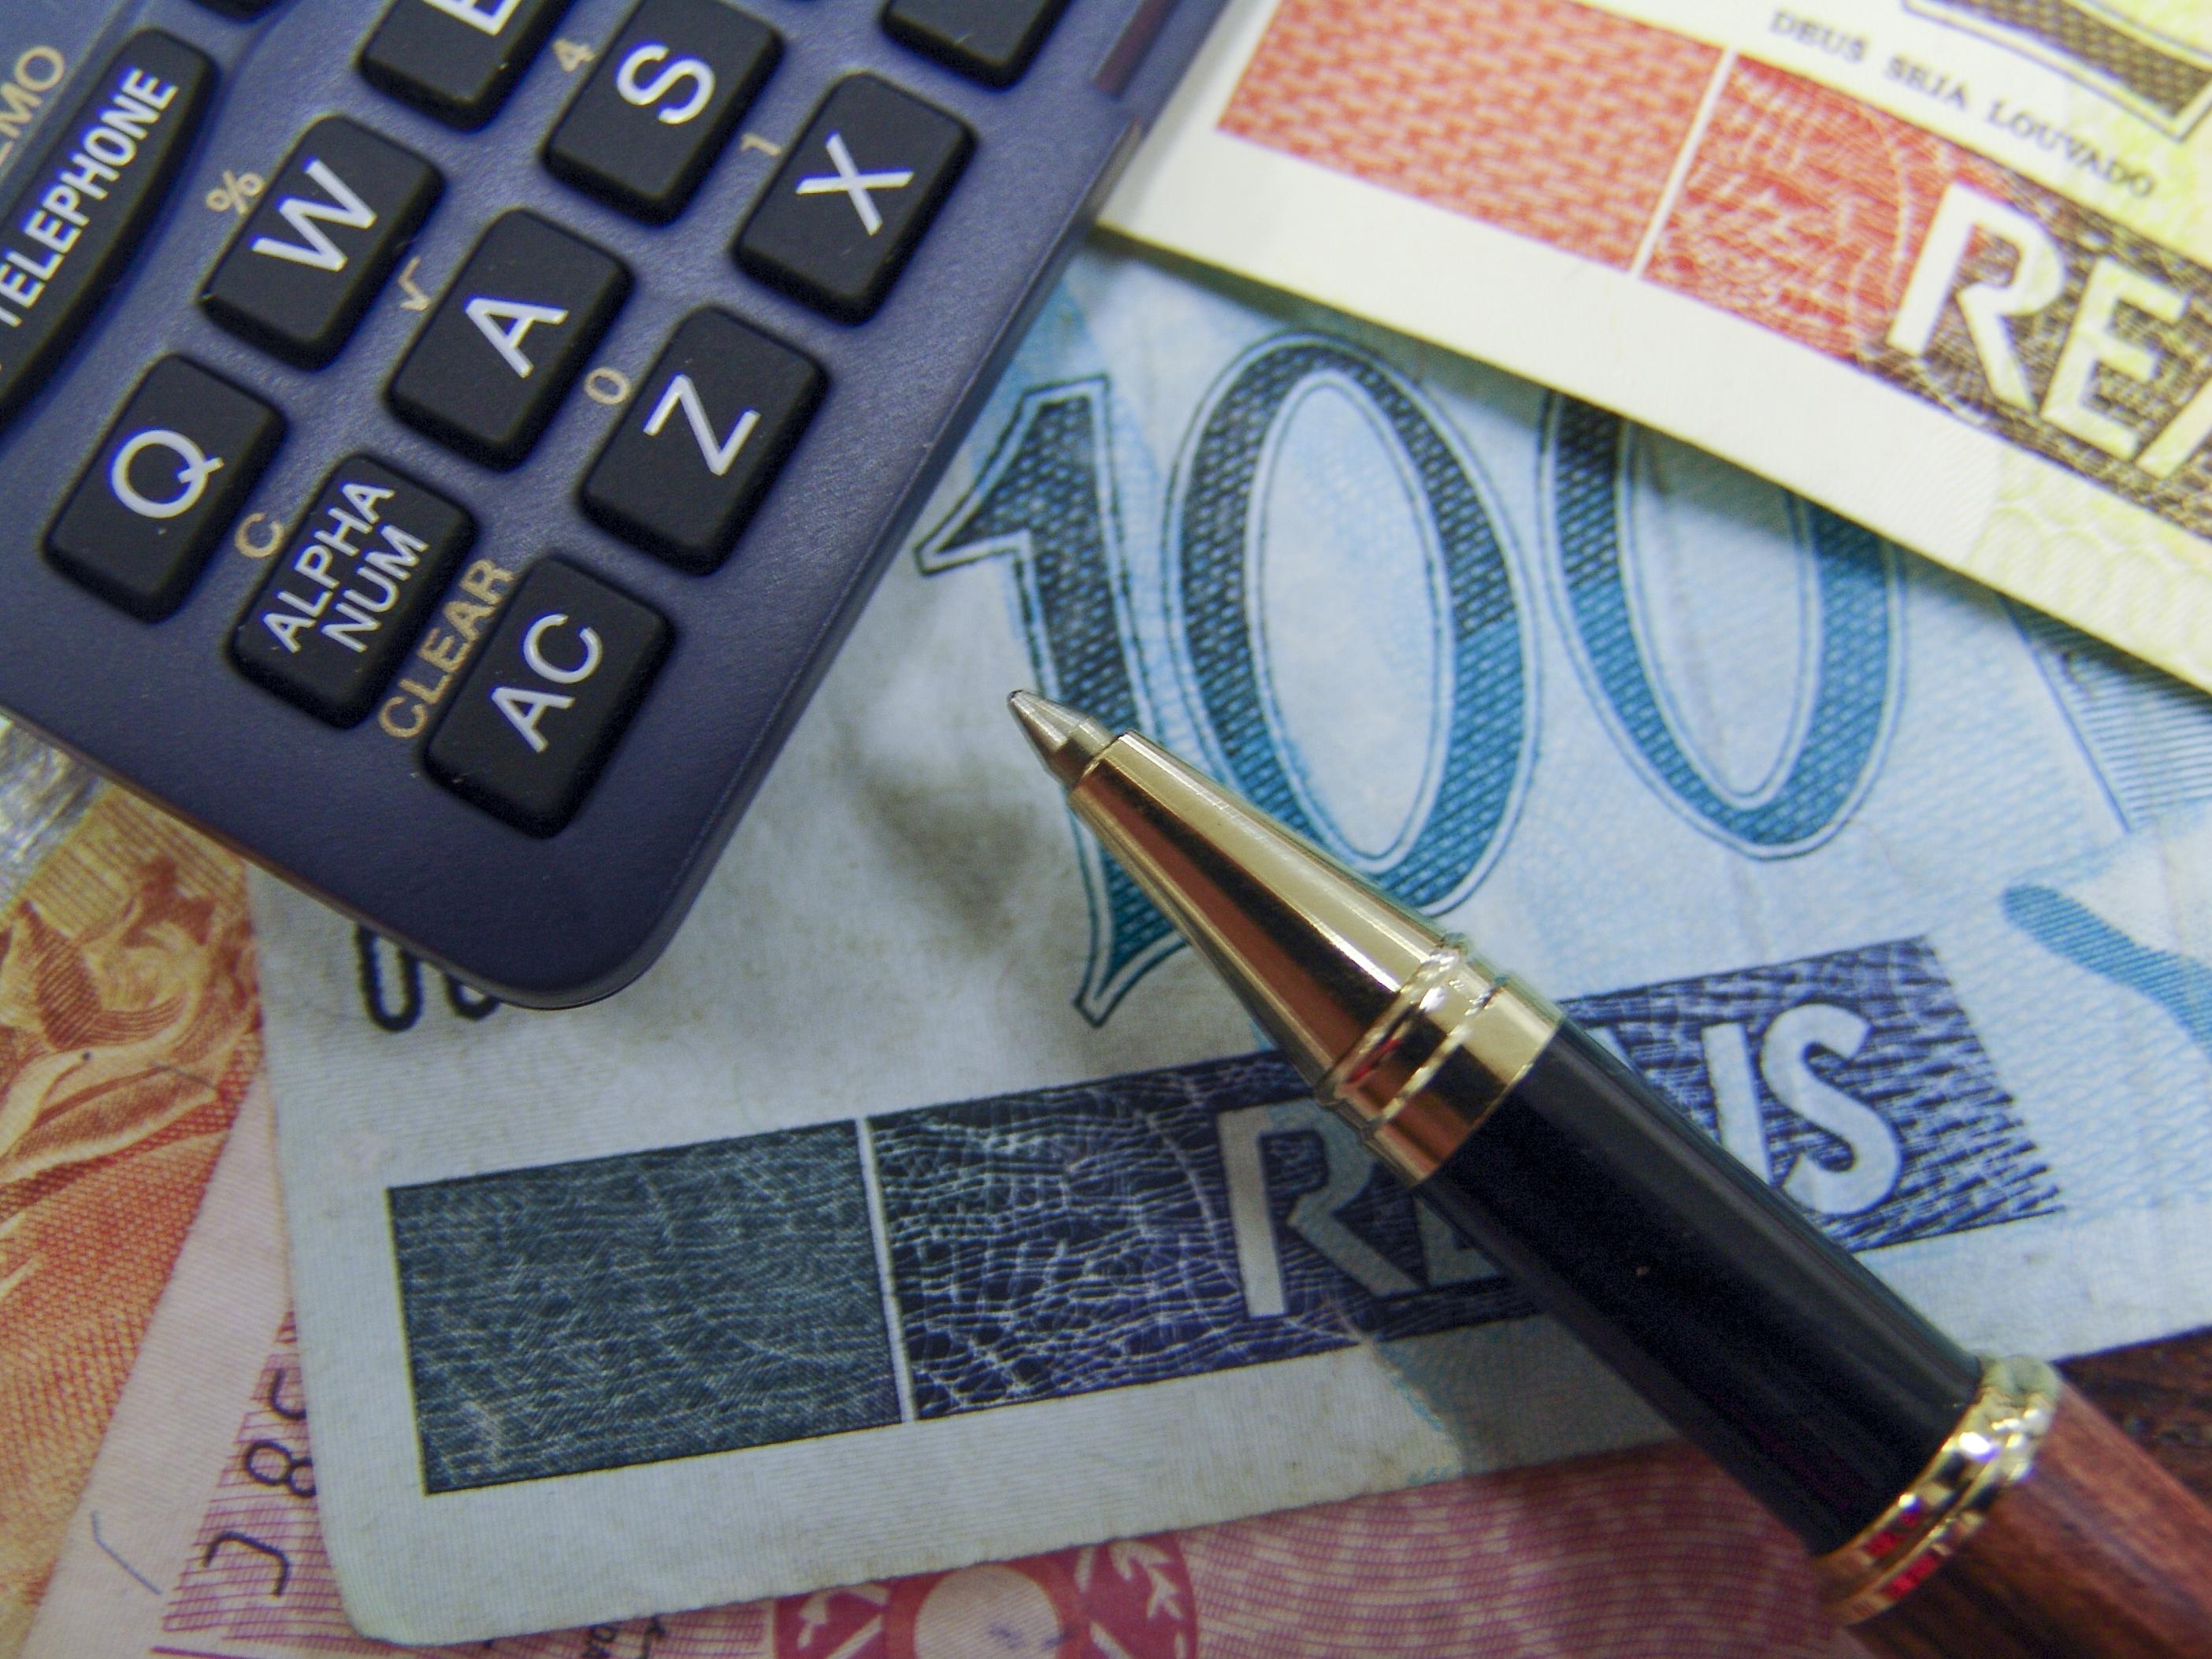 Mixed brazilian money notes, pen and calculator.